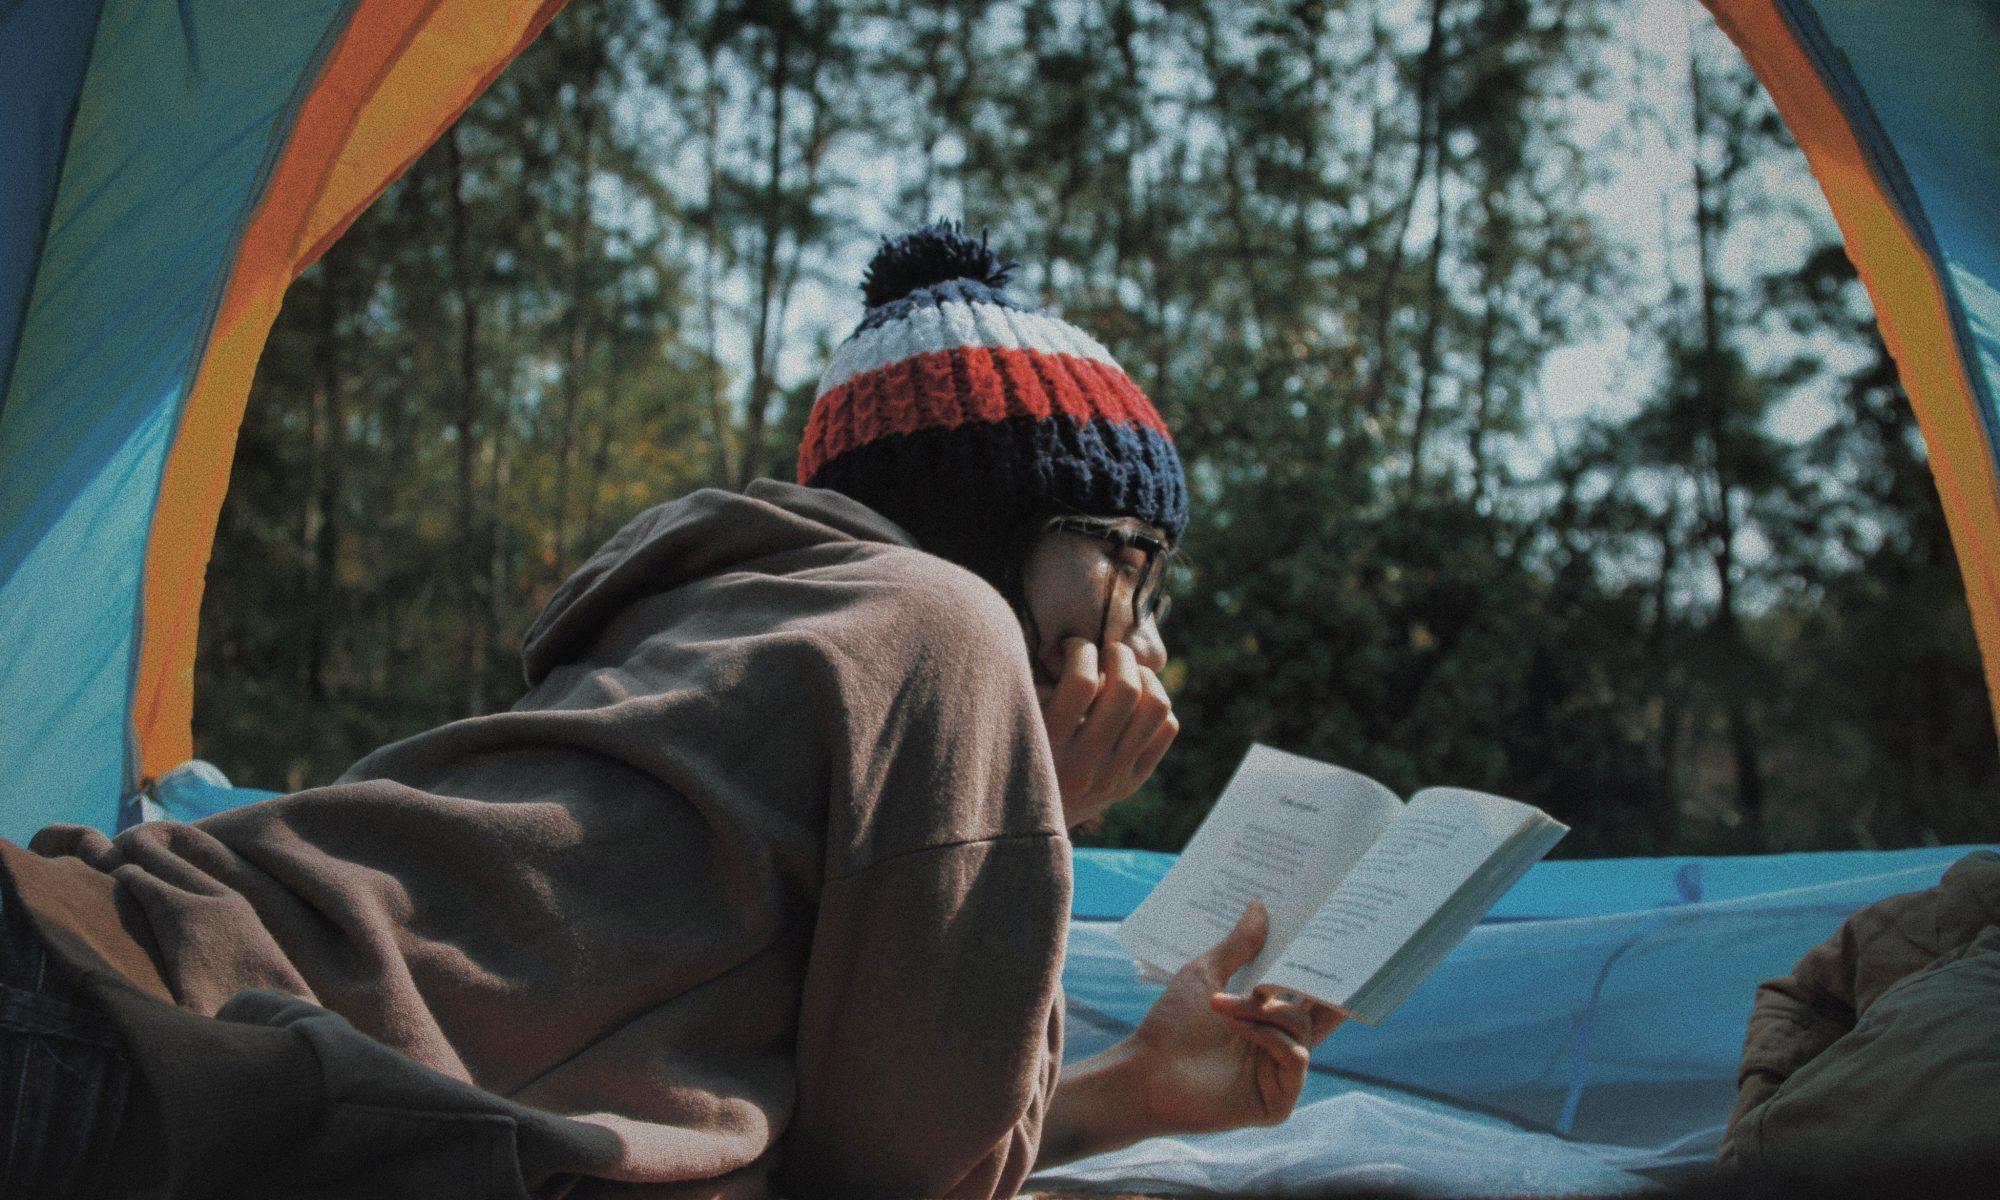 Leyendo un libro dentro de una tienda de campaña